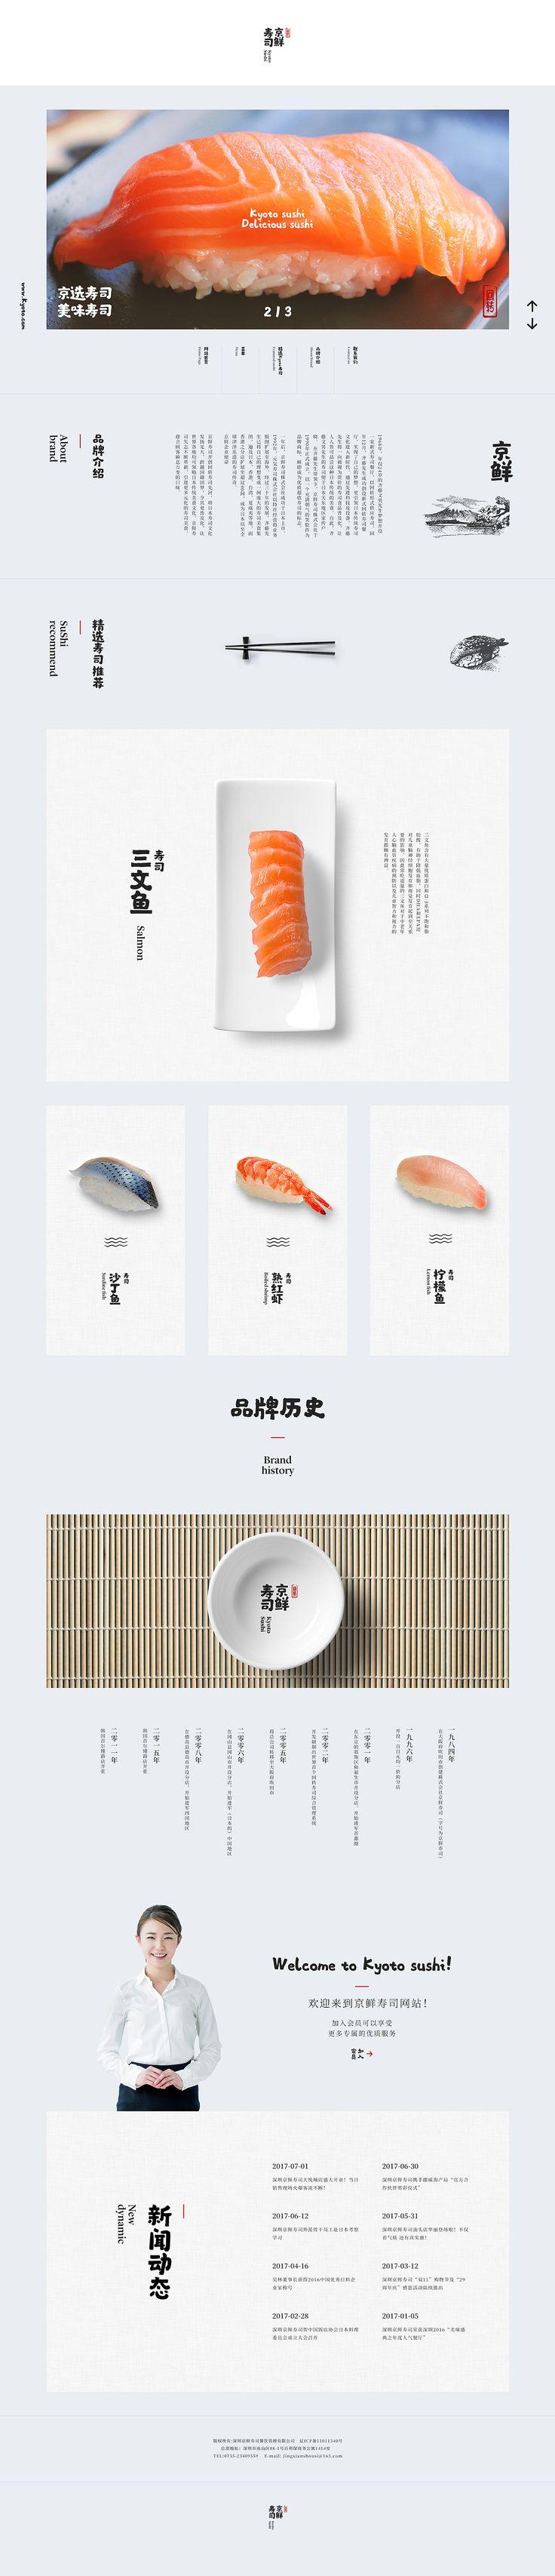 一些中文输出和十三年心得|网页|企业官网|梁定然_海南 - 原创作品 - 站酷 (ZCOOL)